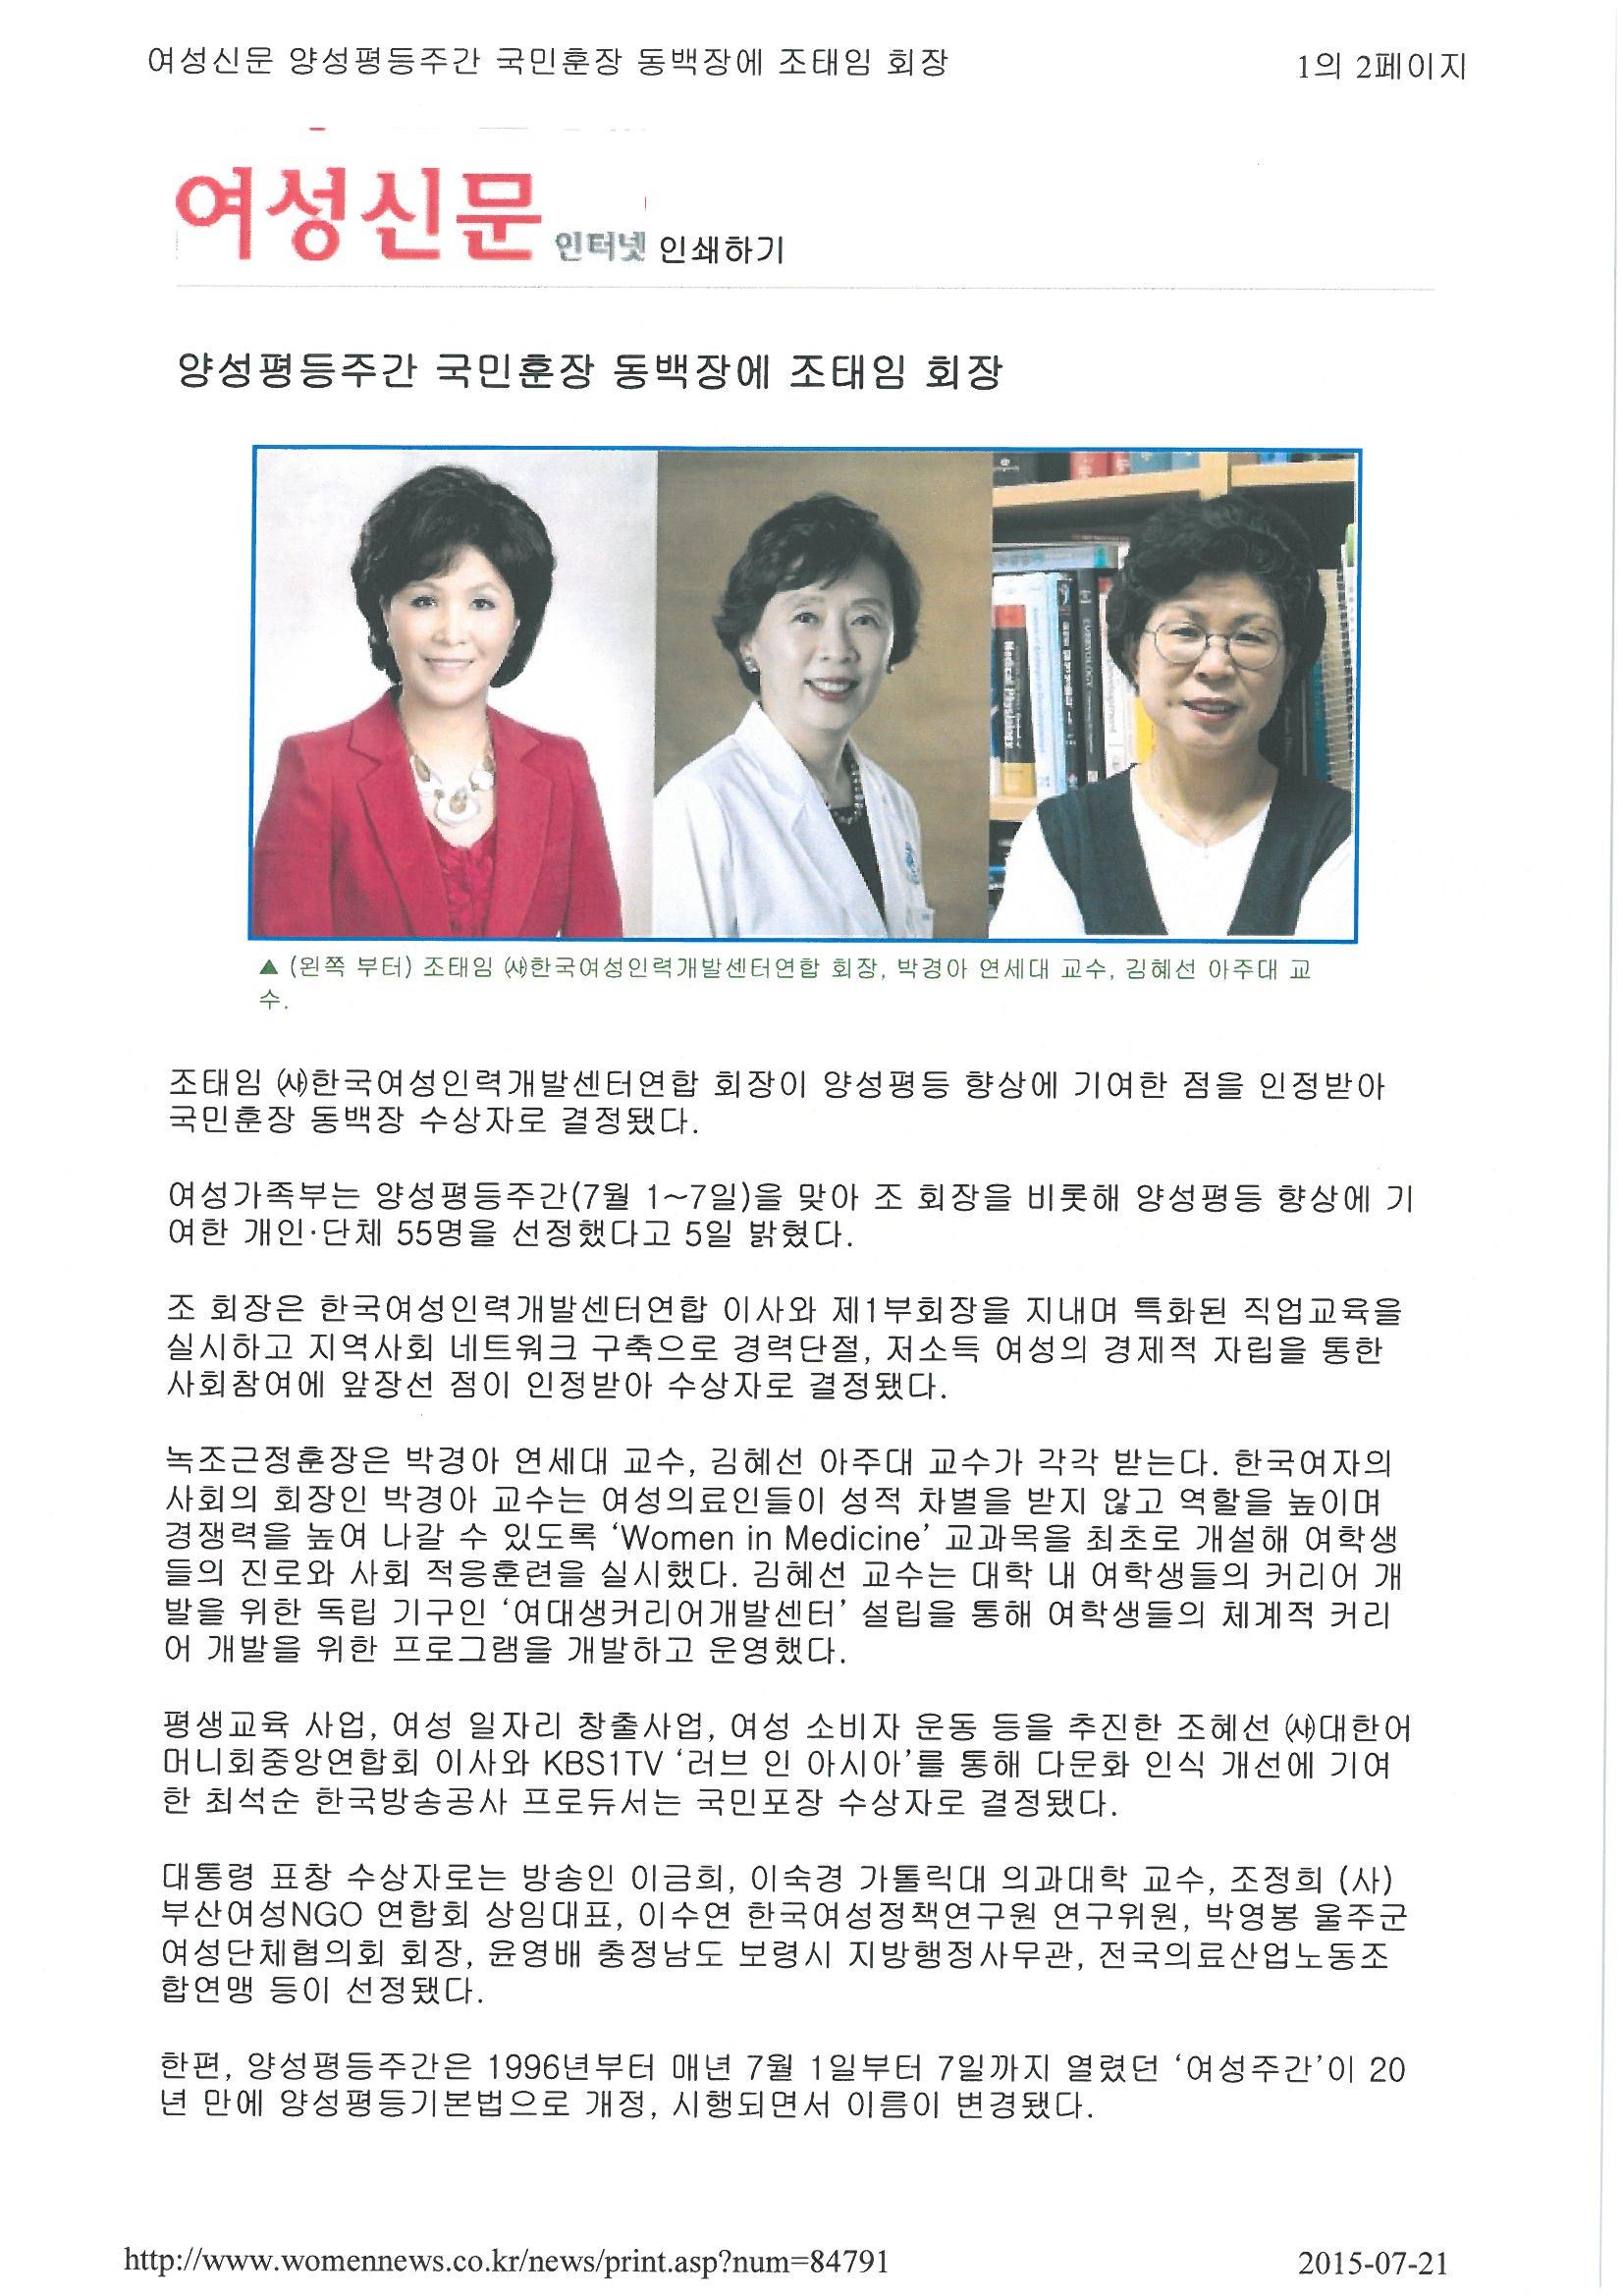 조태임 위원 국민훈장 수여